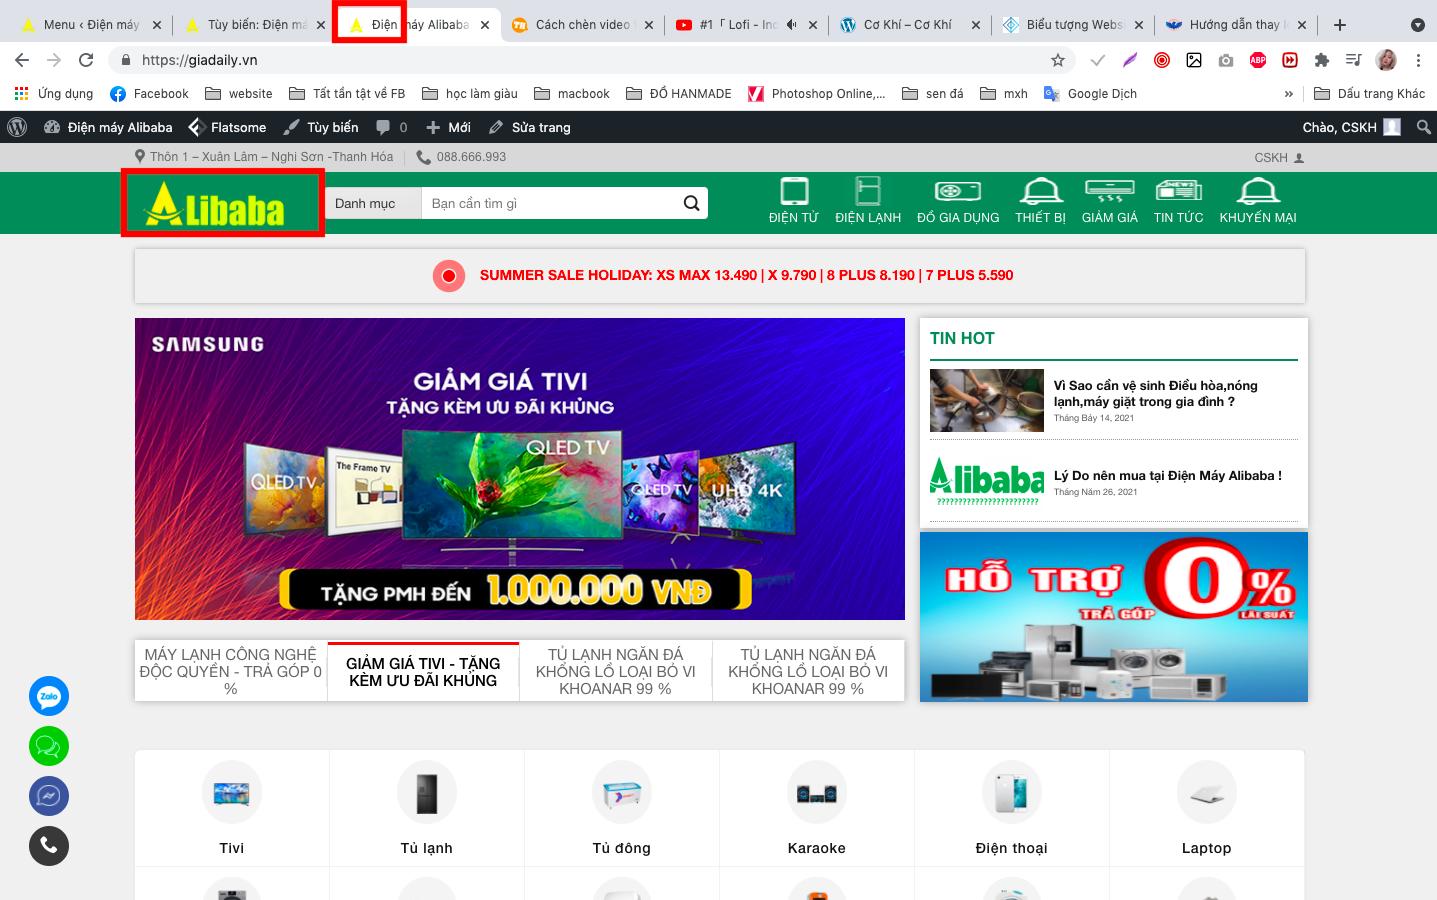 Thay đổi biểu tượng site trên website wordpress